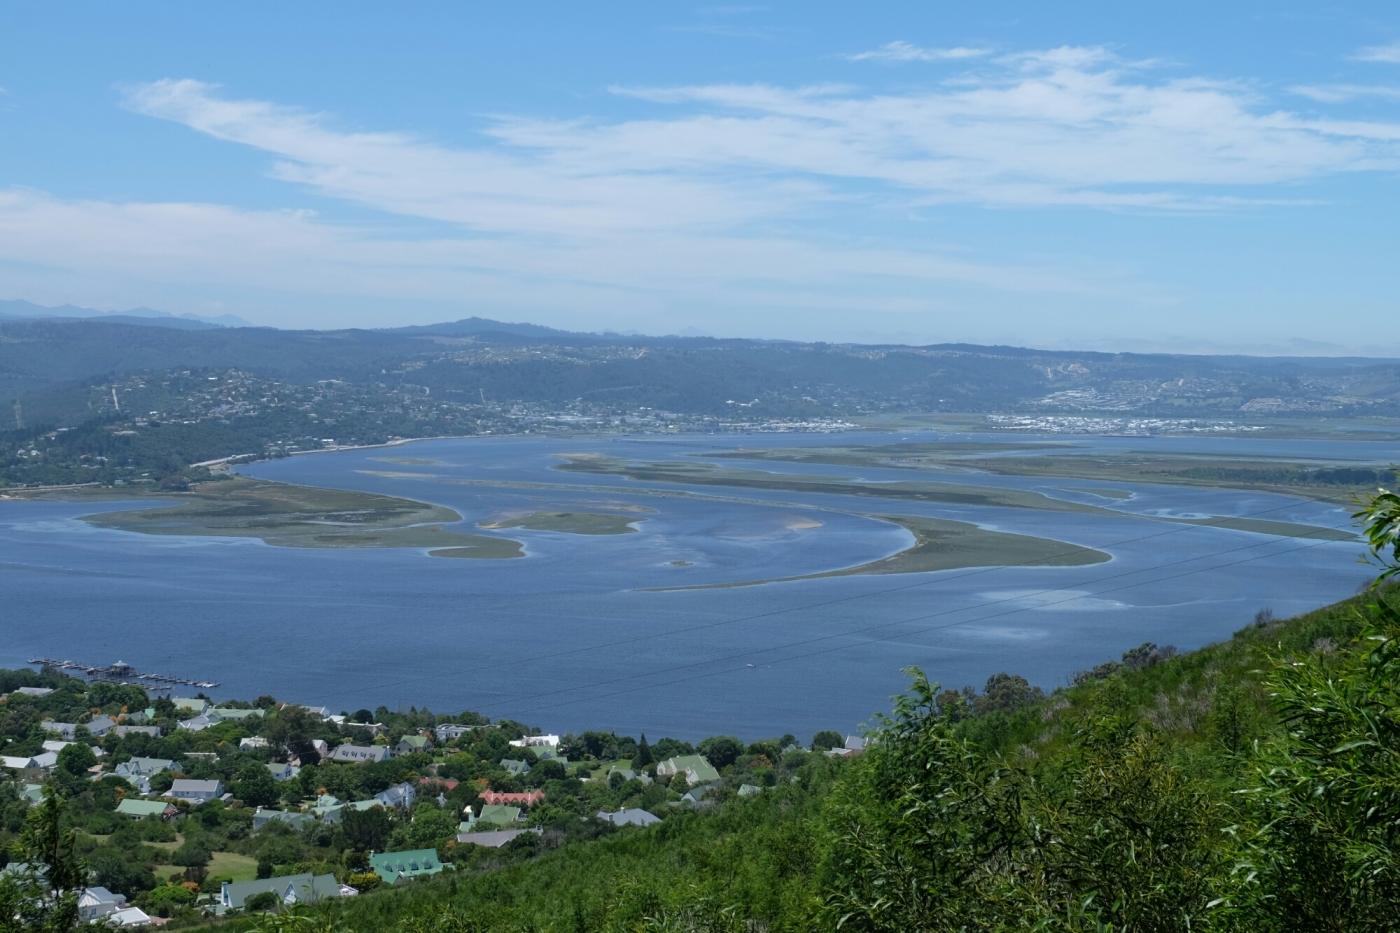 Sicht von Margaret's View Point in die Lagune von Knysna